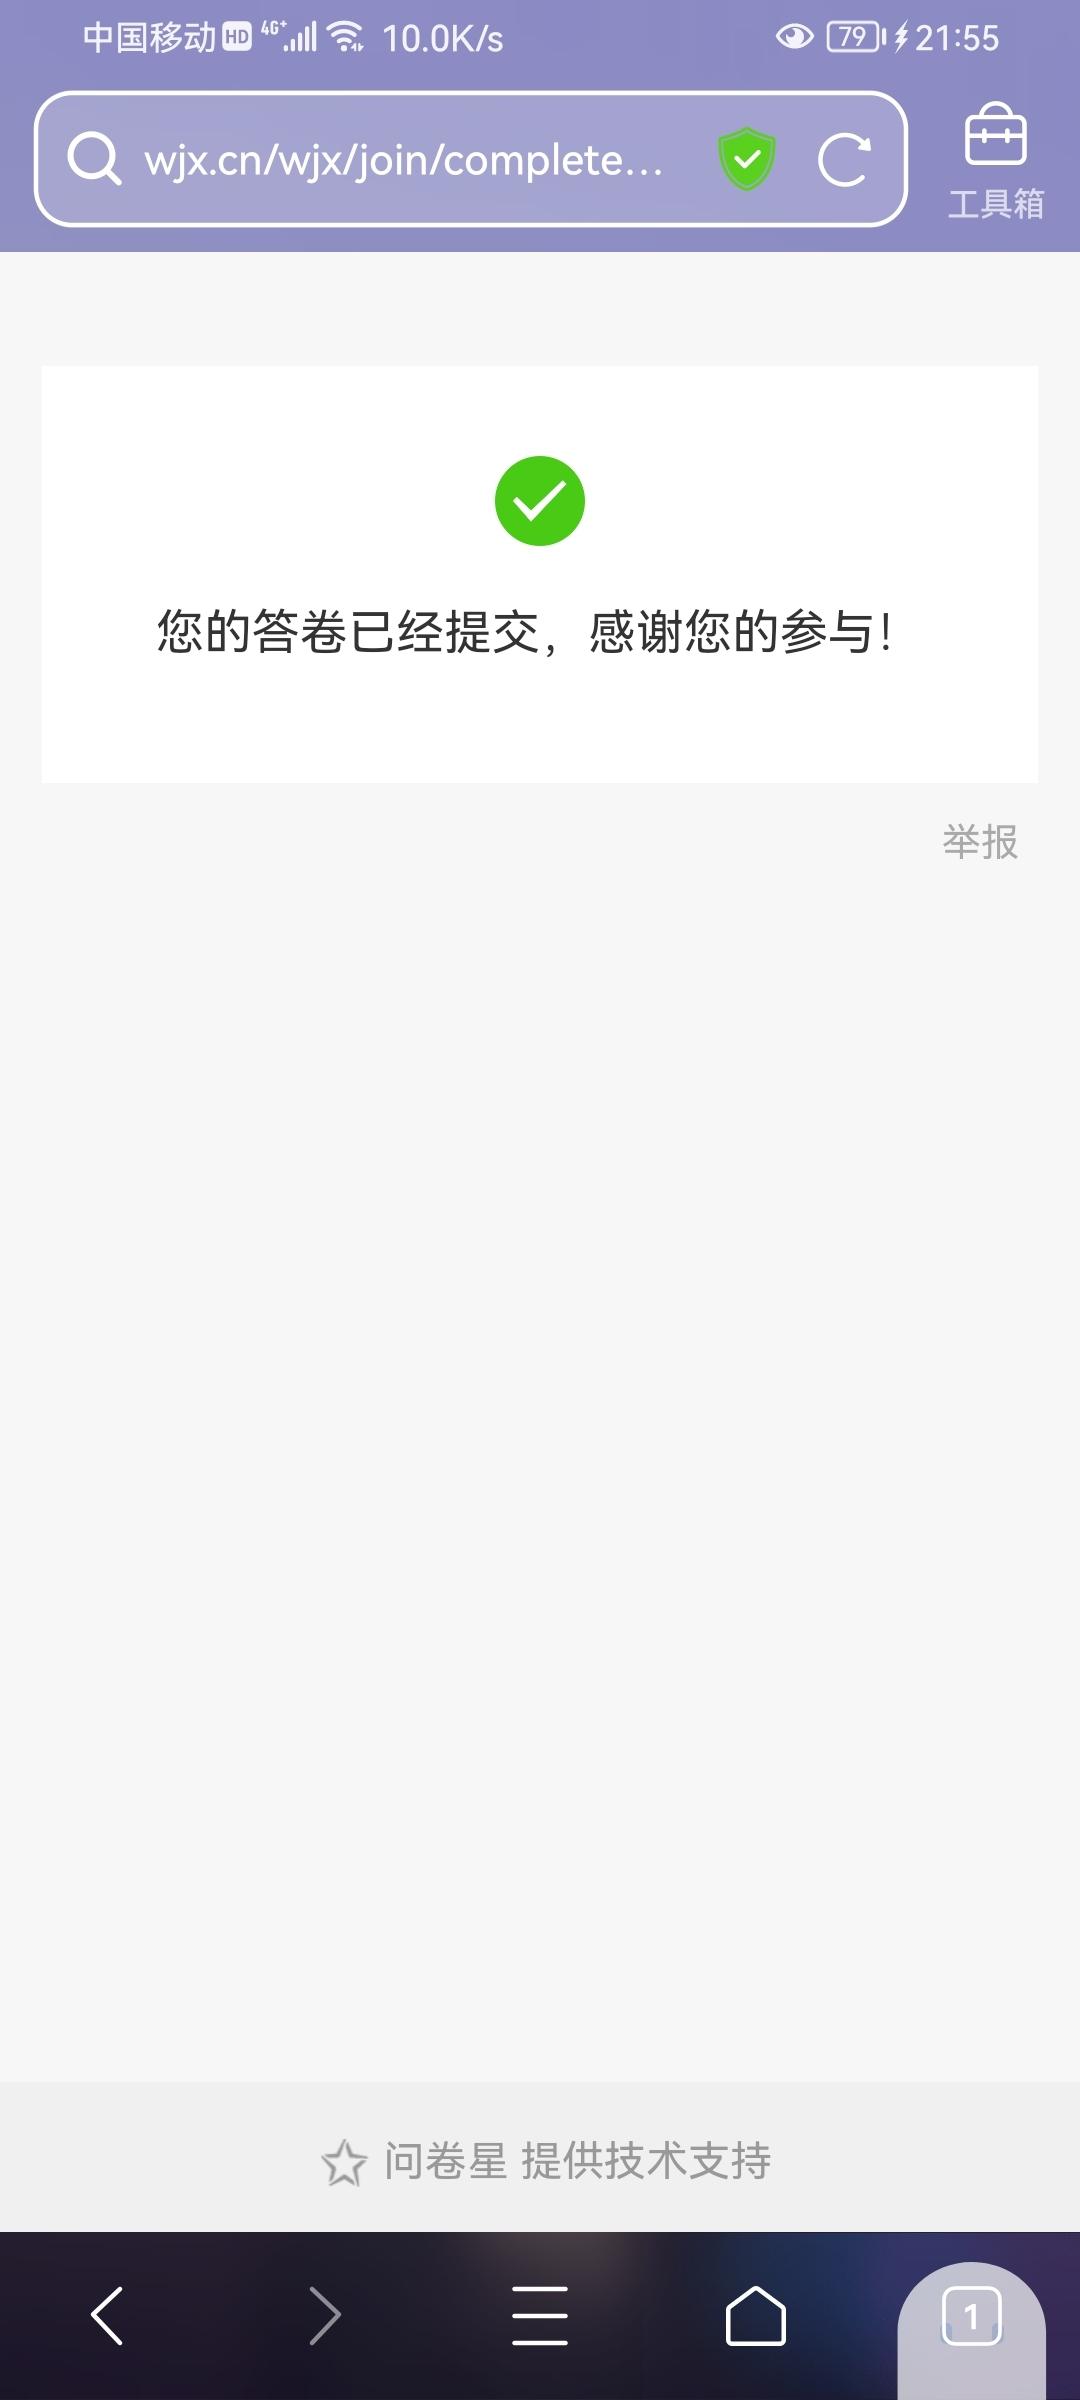 Screenshot_20210922_215527_com.tencent.mtt.jpg